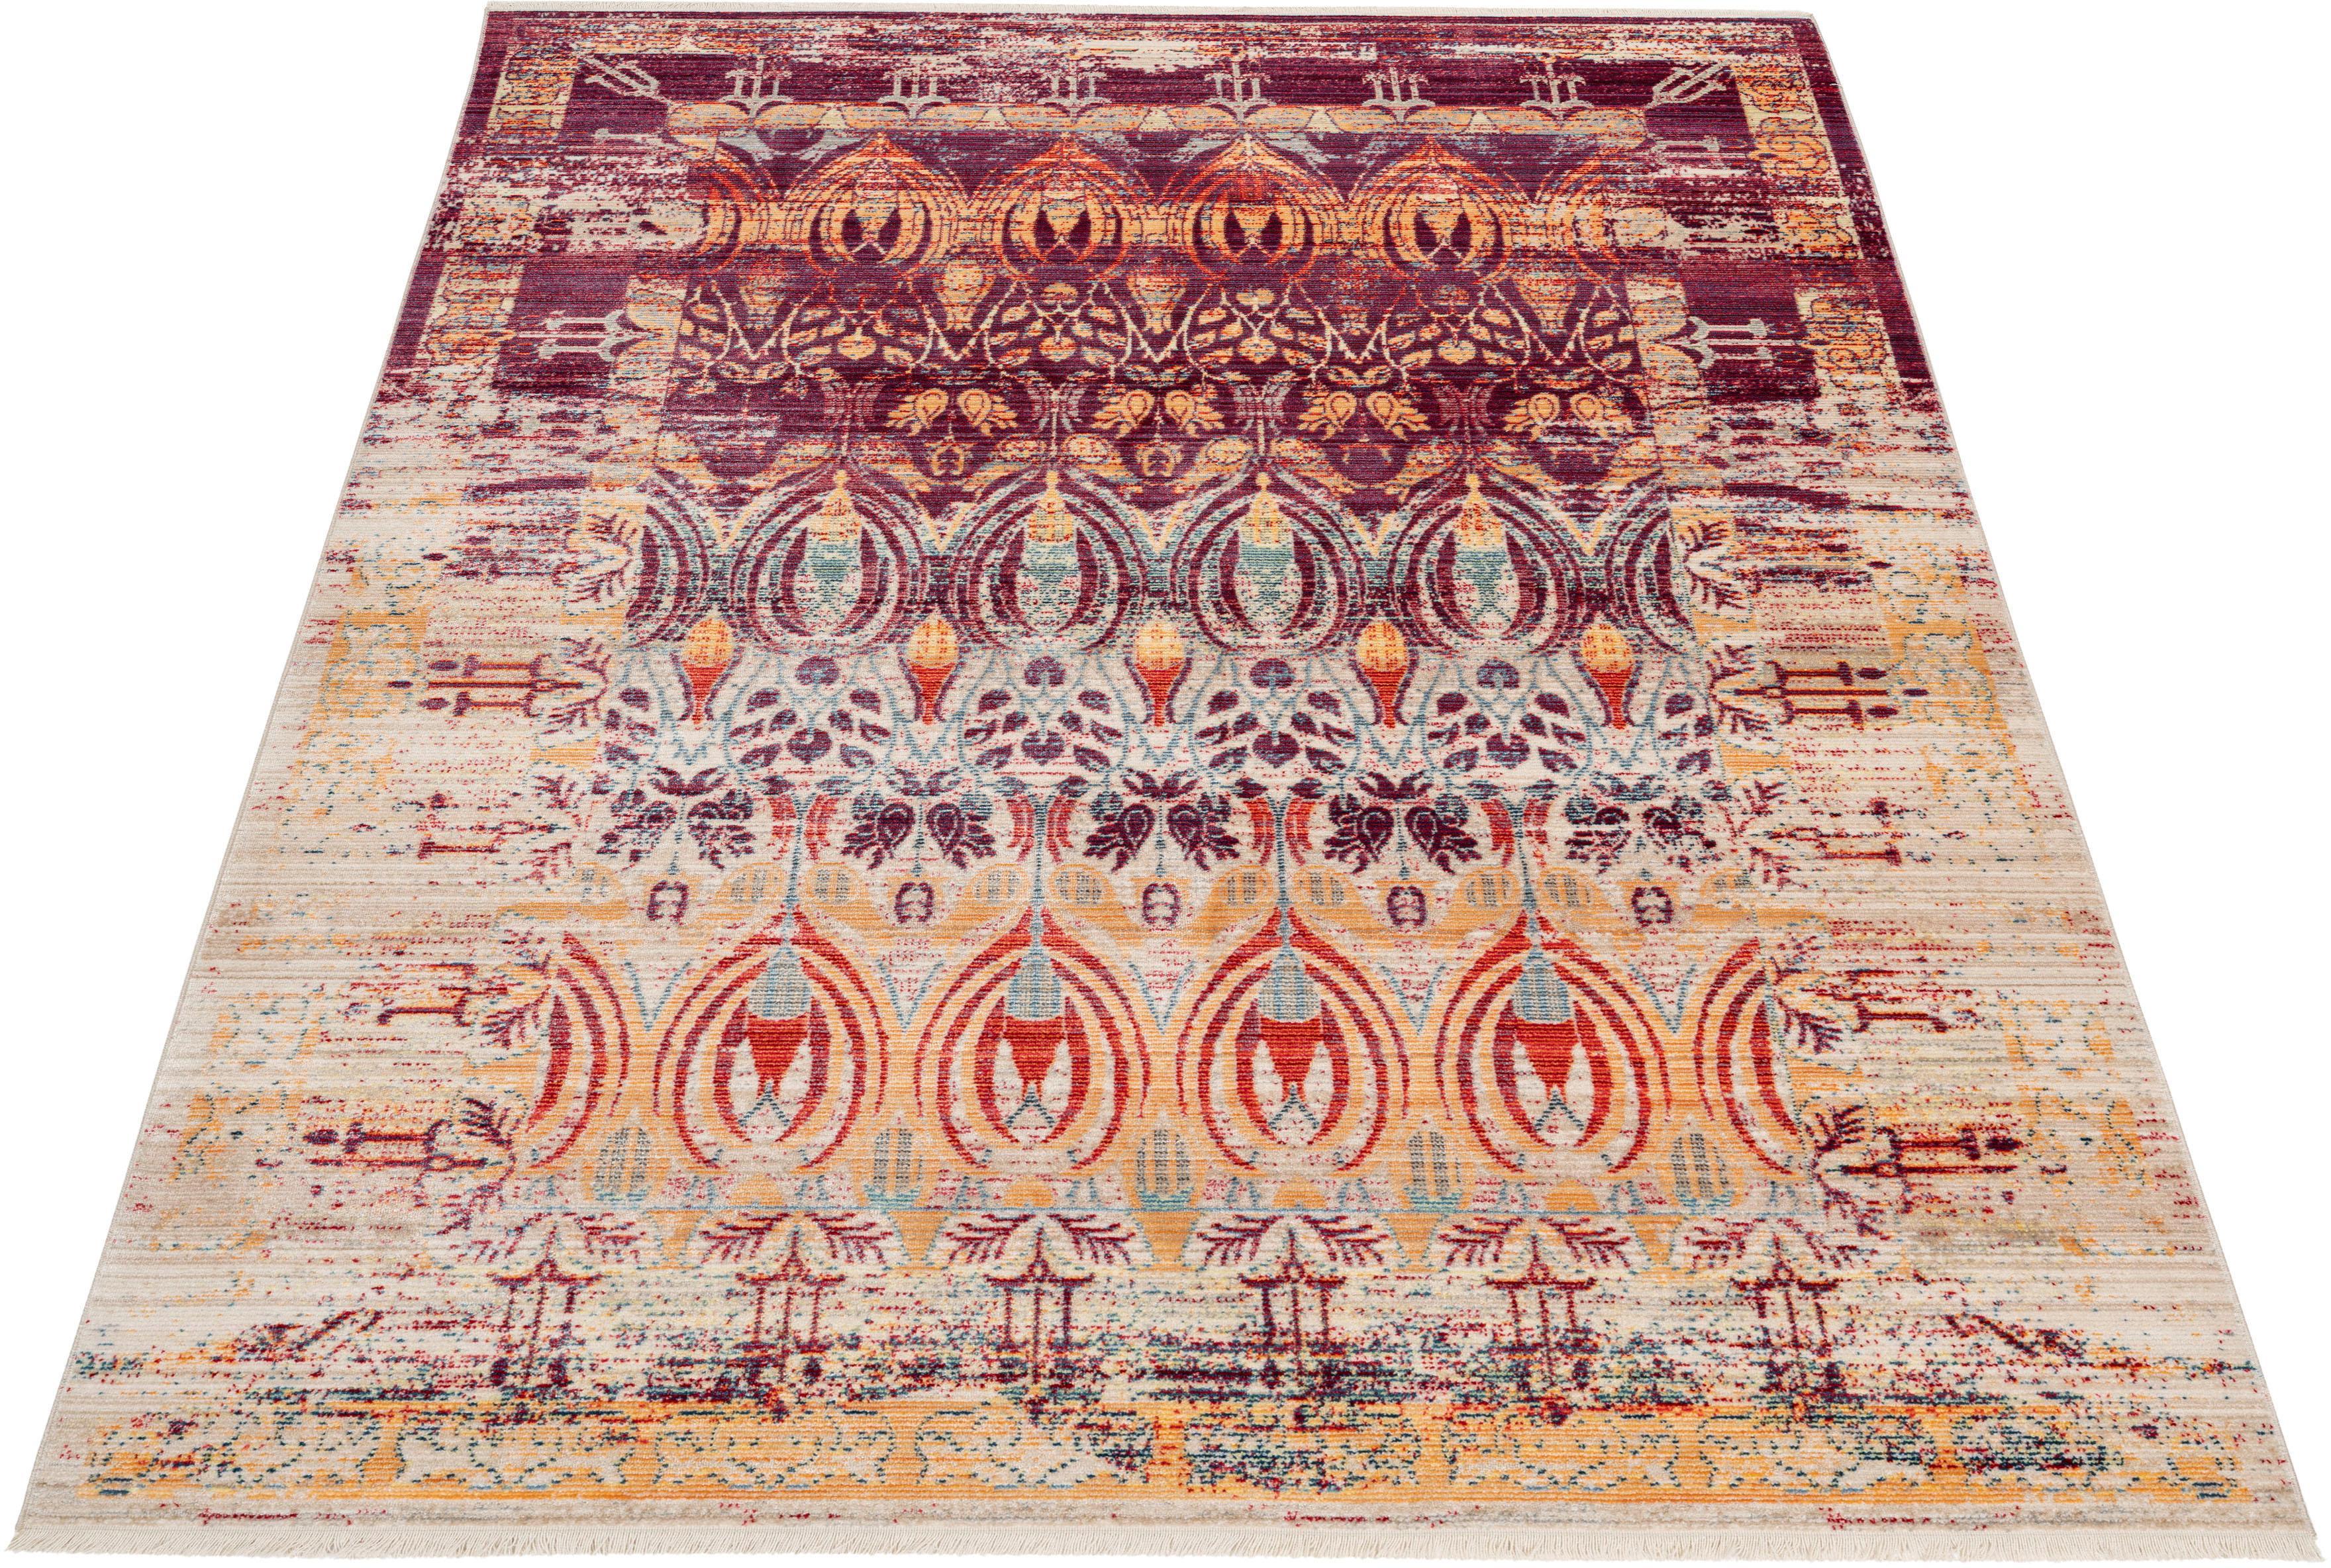 Teppich Damian DELAVITA rechteckig Höhe 5 mm maschinell gewebt